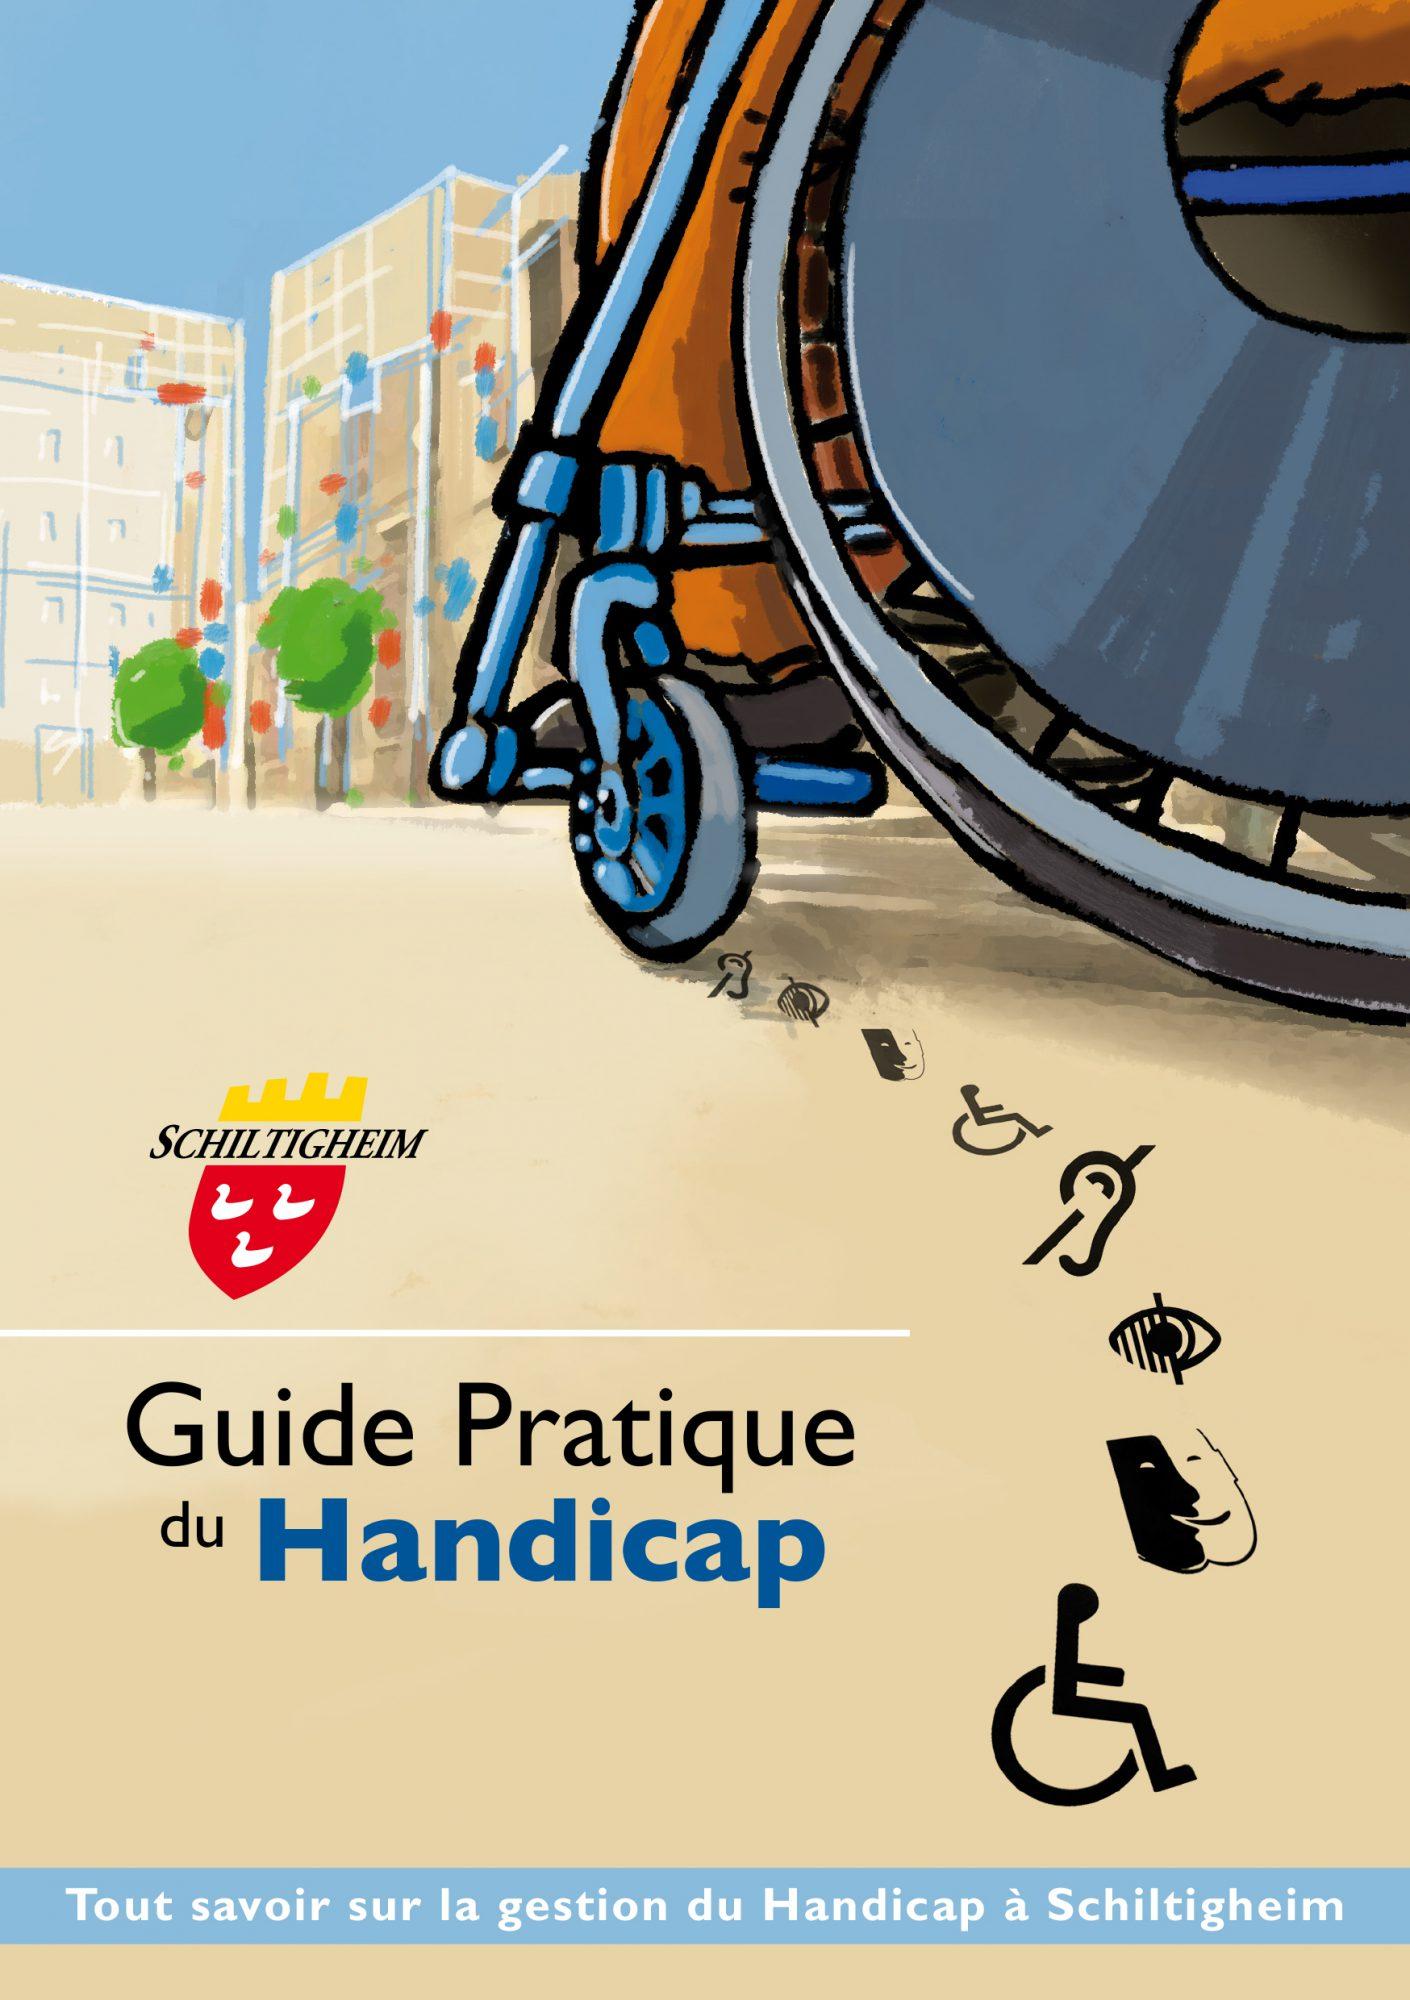 Guide du handicap